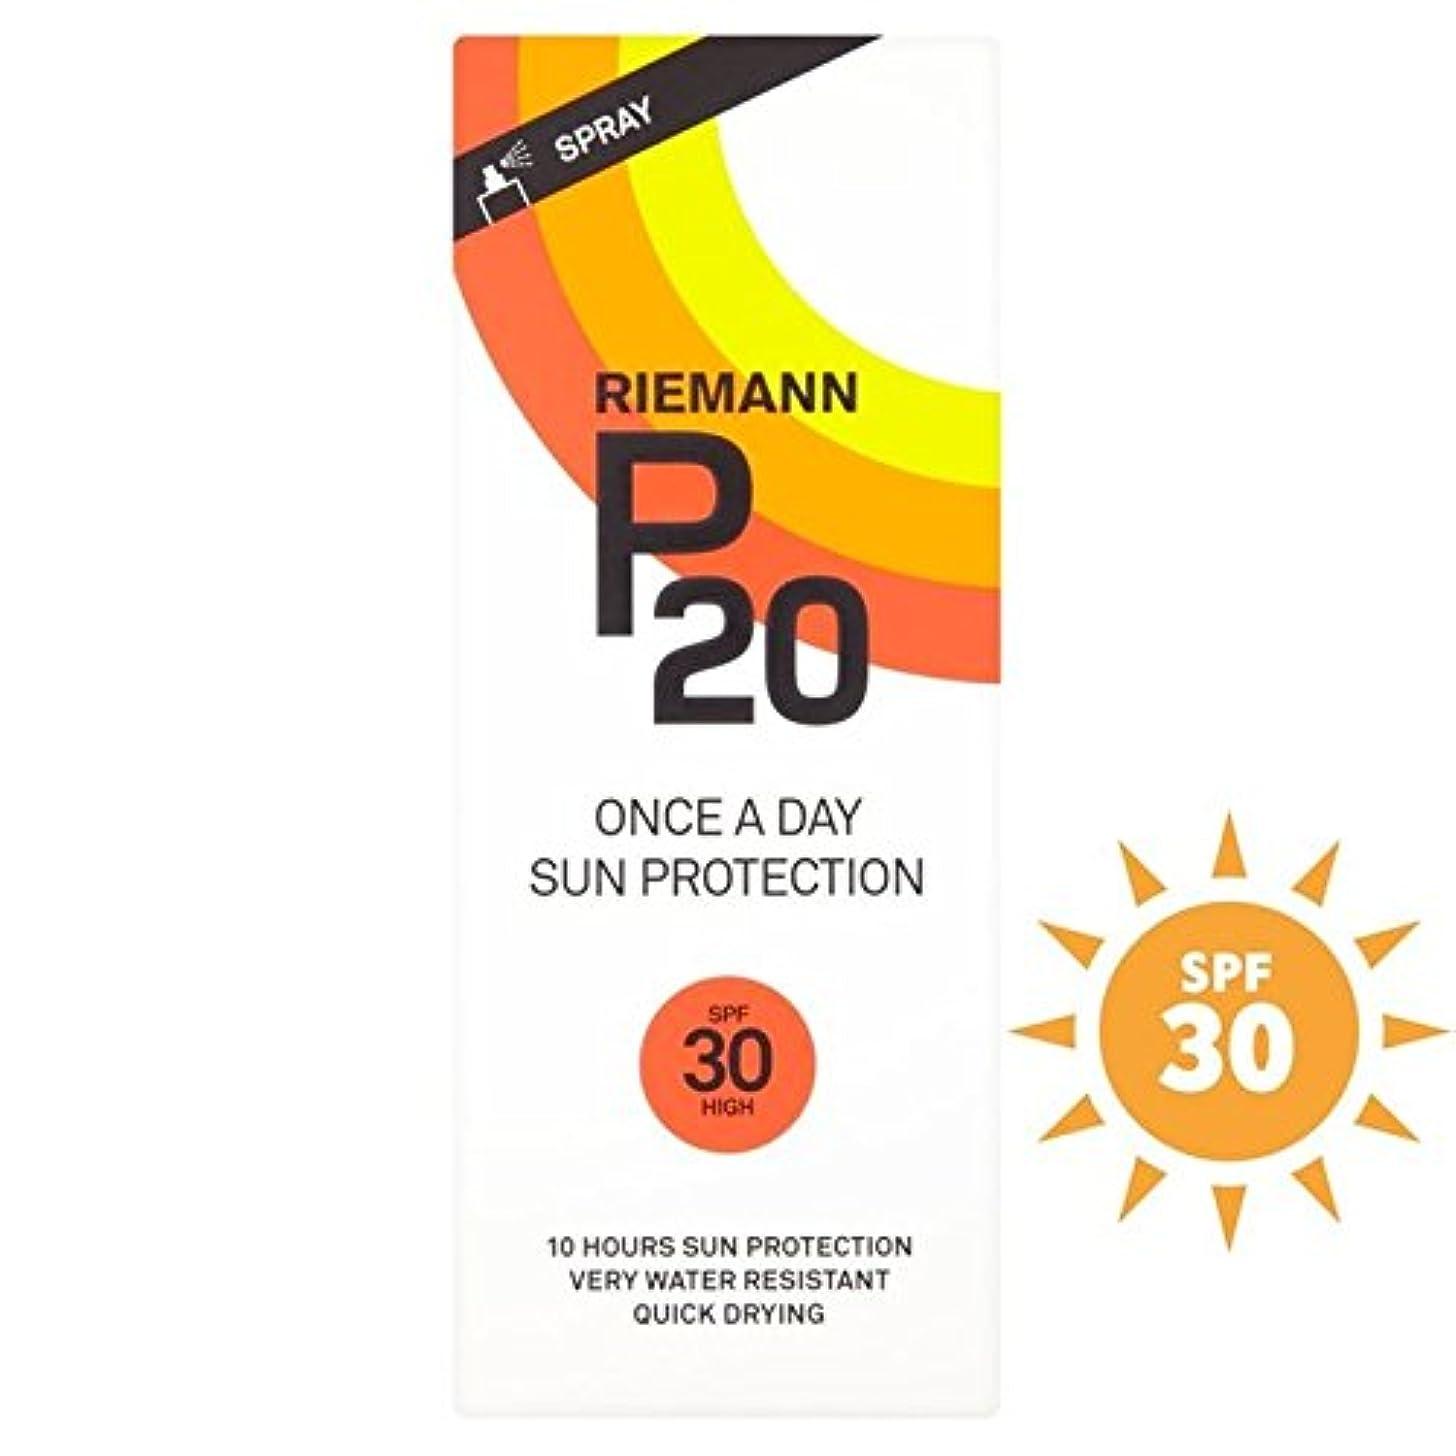 男やもめ価値のないこどもセンターリーマン20 30 1日/ 10時間の保護200ミリリットル x2 - Riemann P20 SPF30 1 Day/10 Hour Protection 200ml (Pack of 2) [並行輸入品]